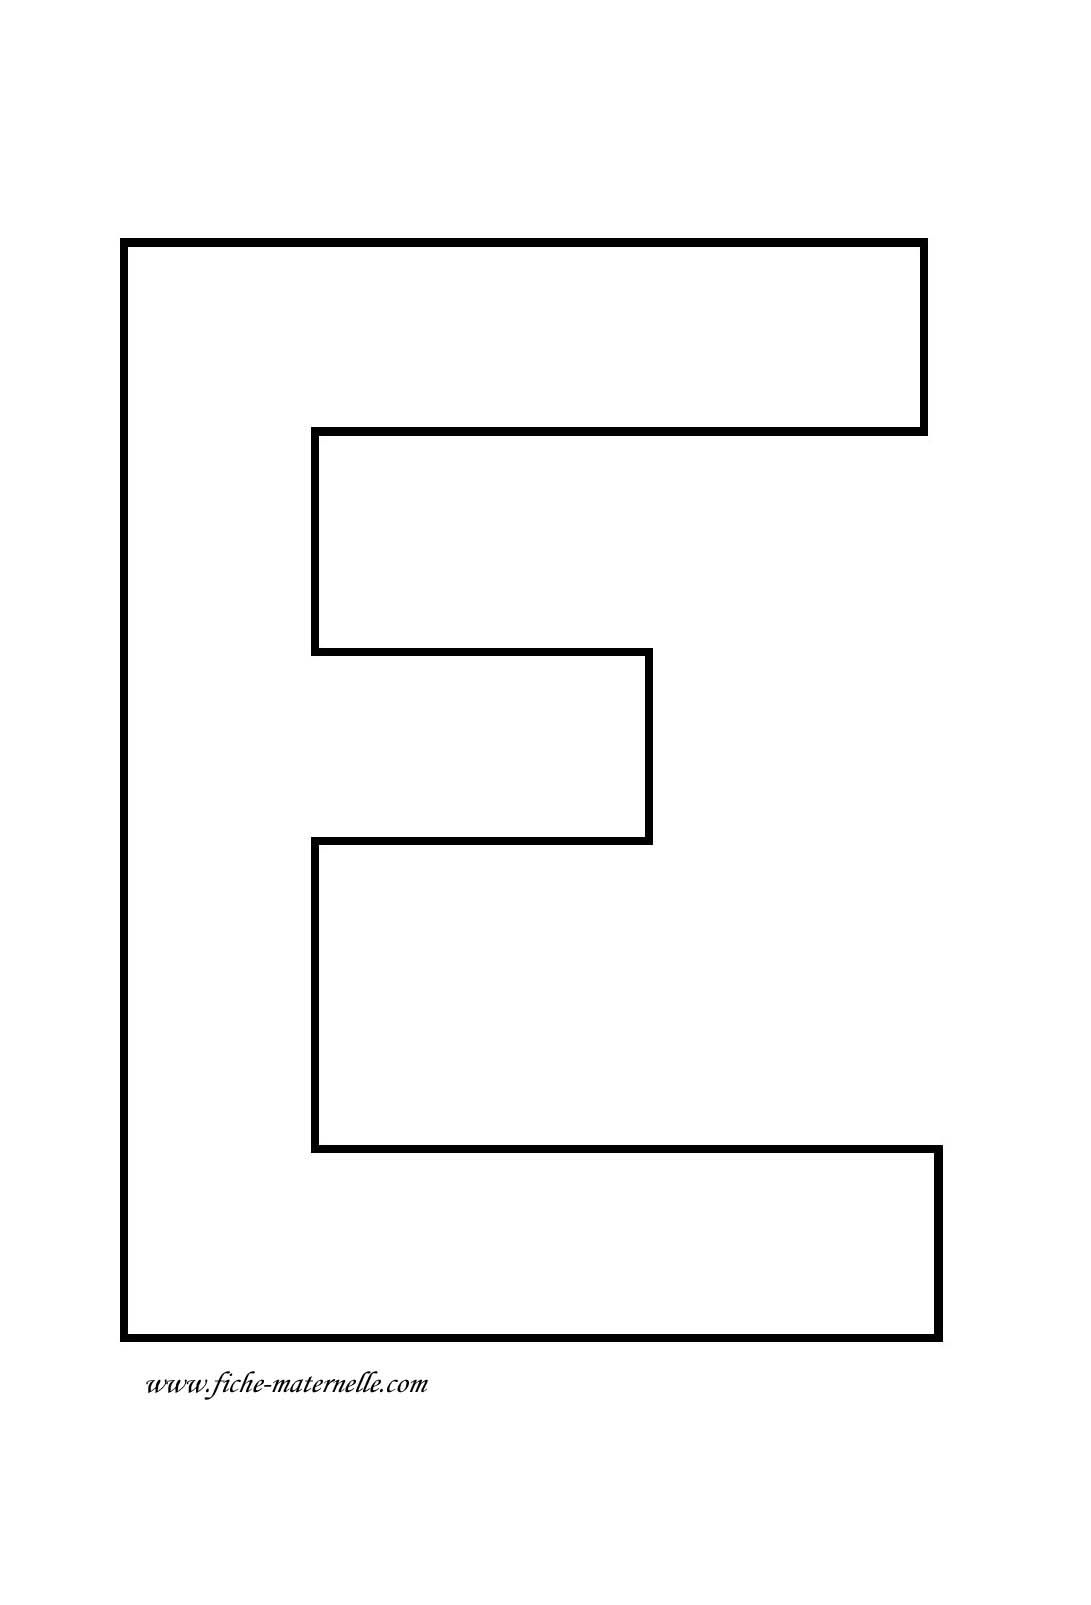 e lettre Lettre de l'alphabet à décorer | patron | Pinterest e lettre